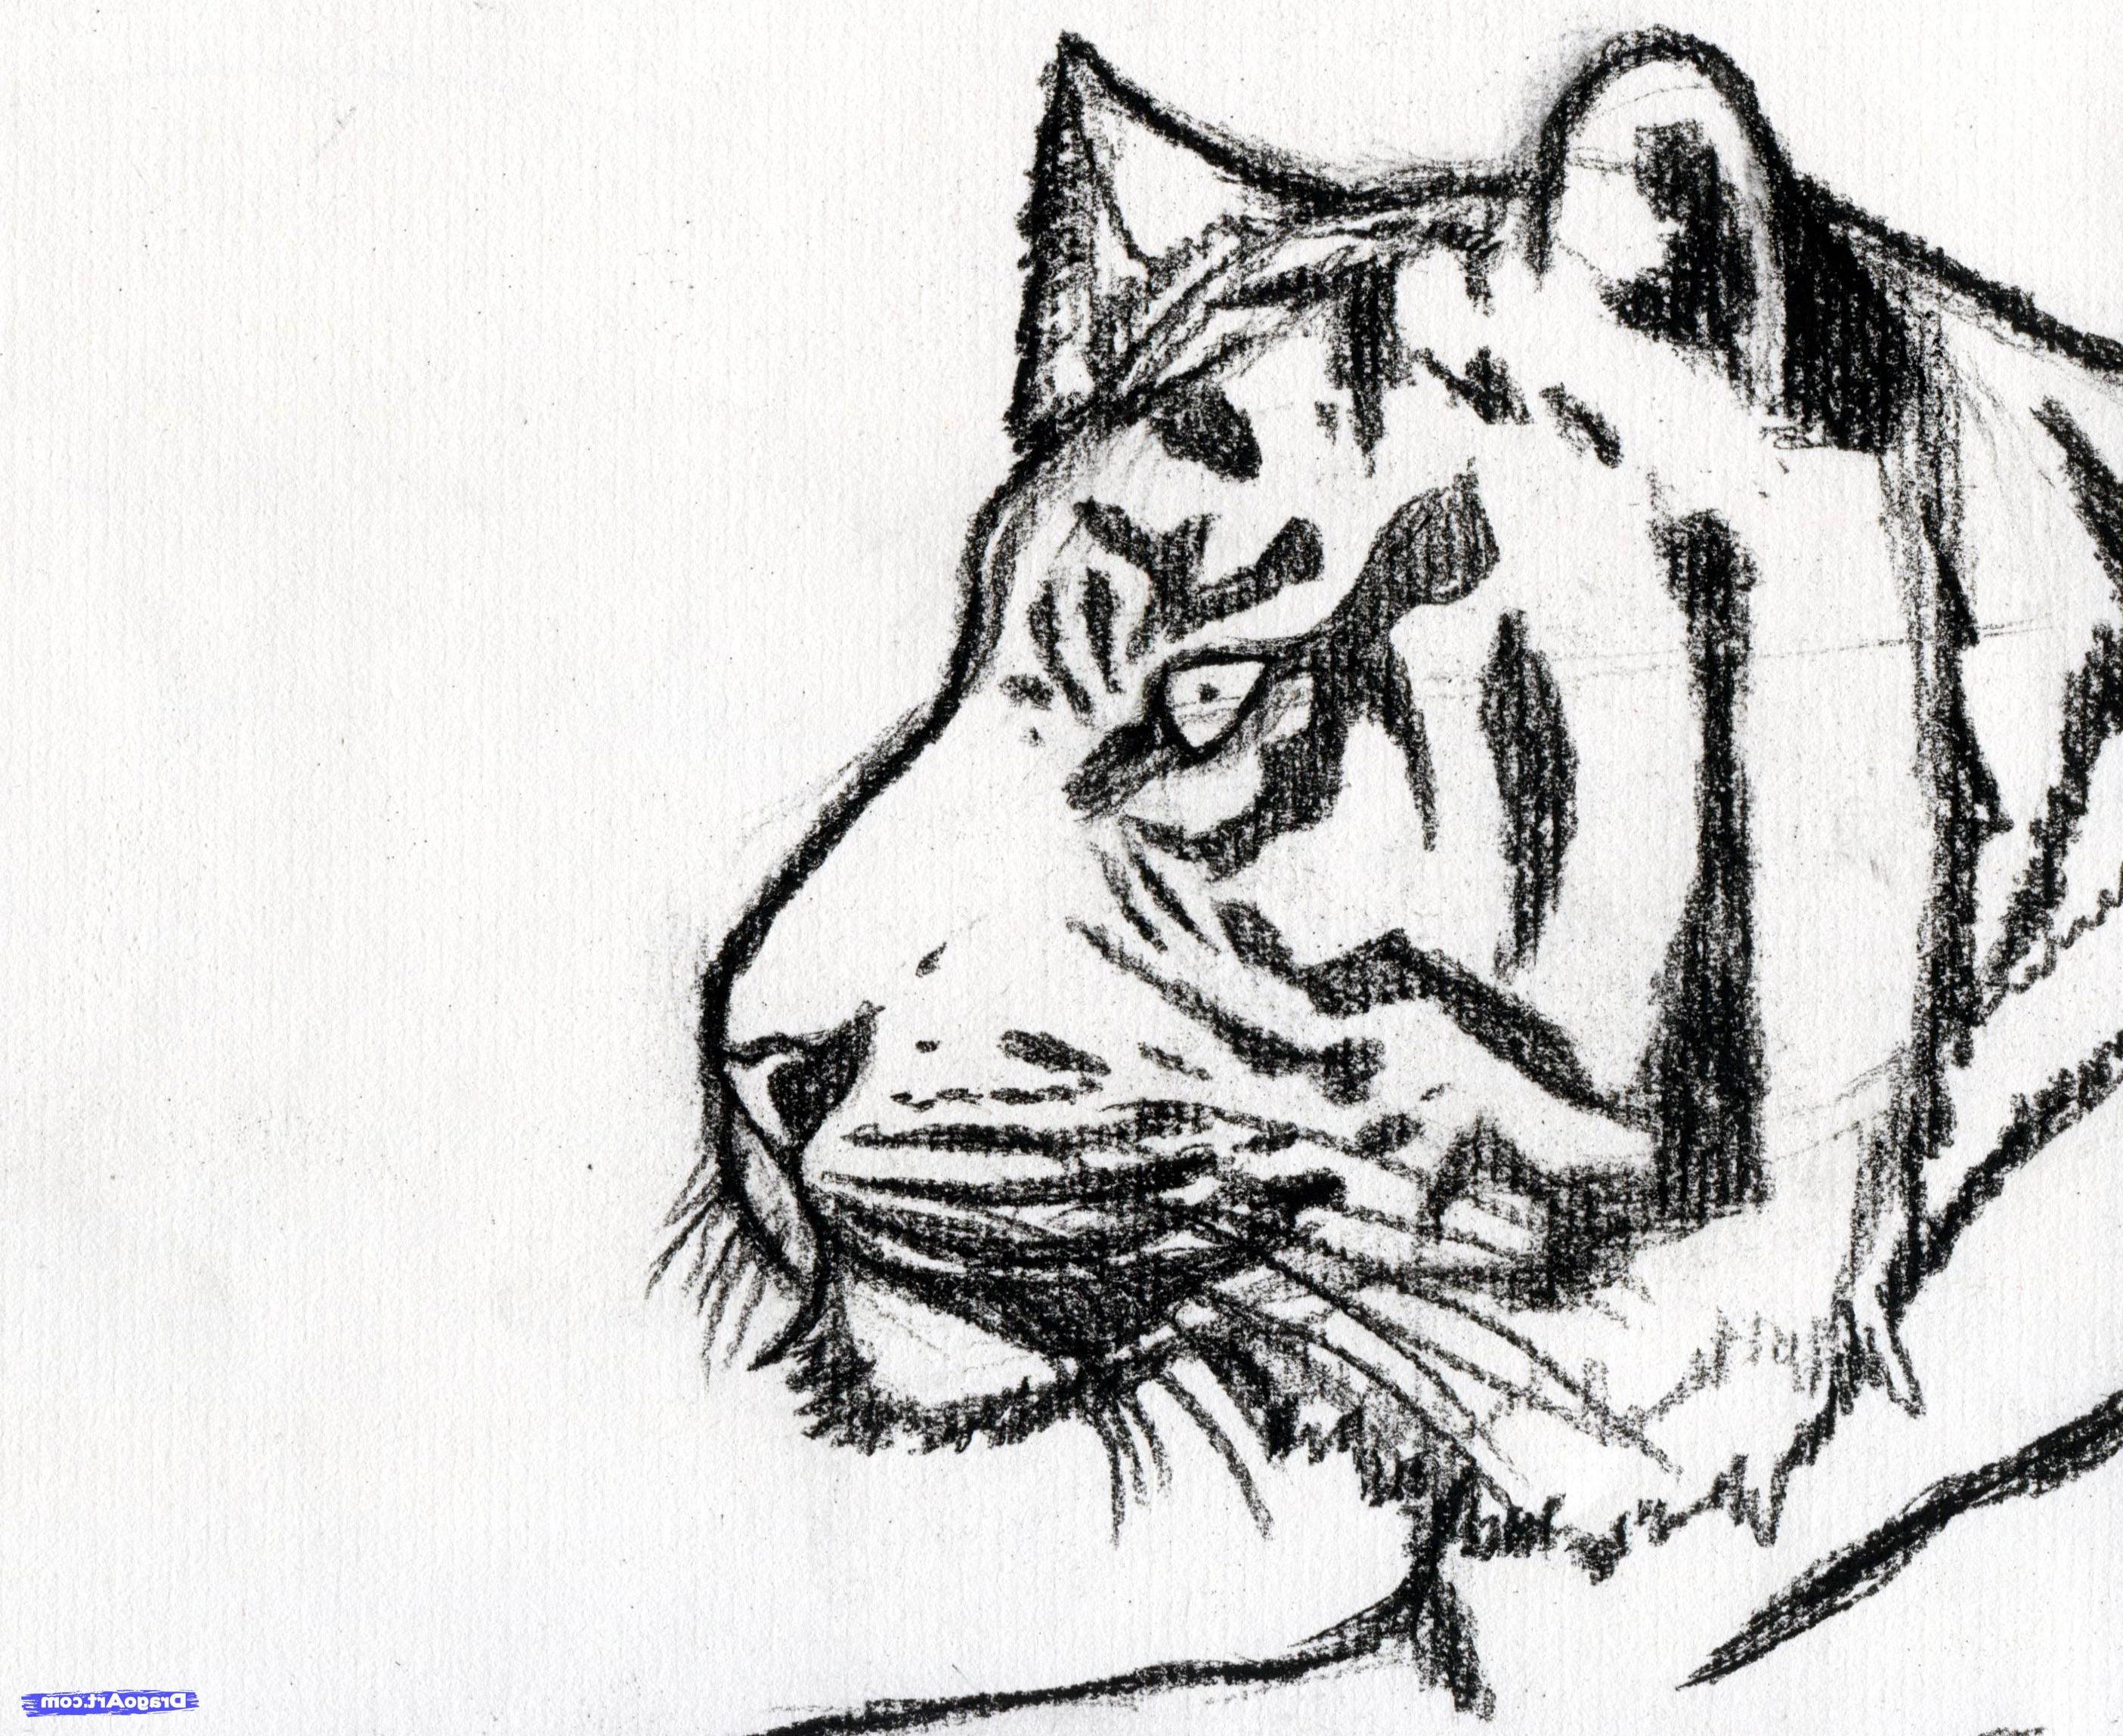 Tiger sketch photo